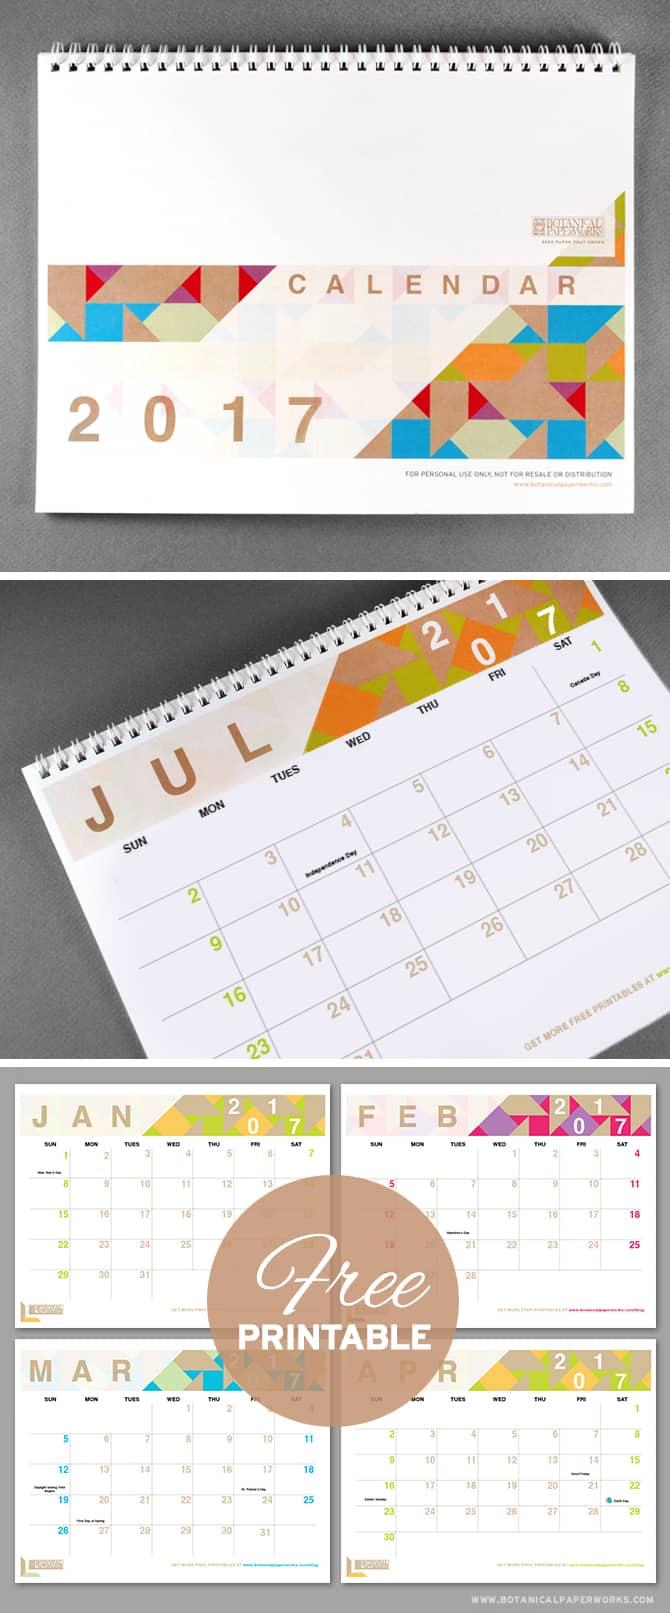 geometric free printable calendar - Printable Printable